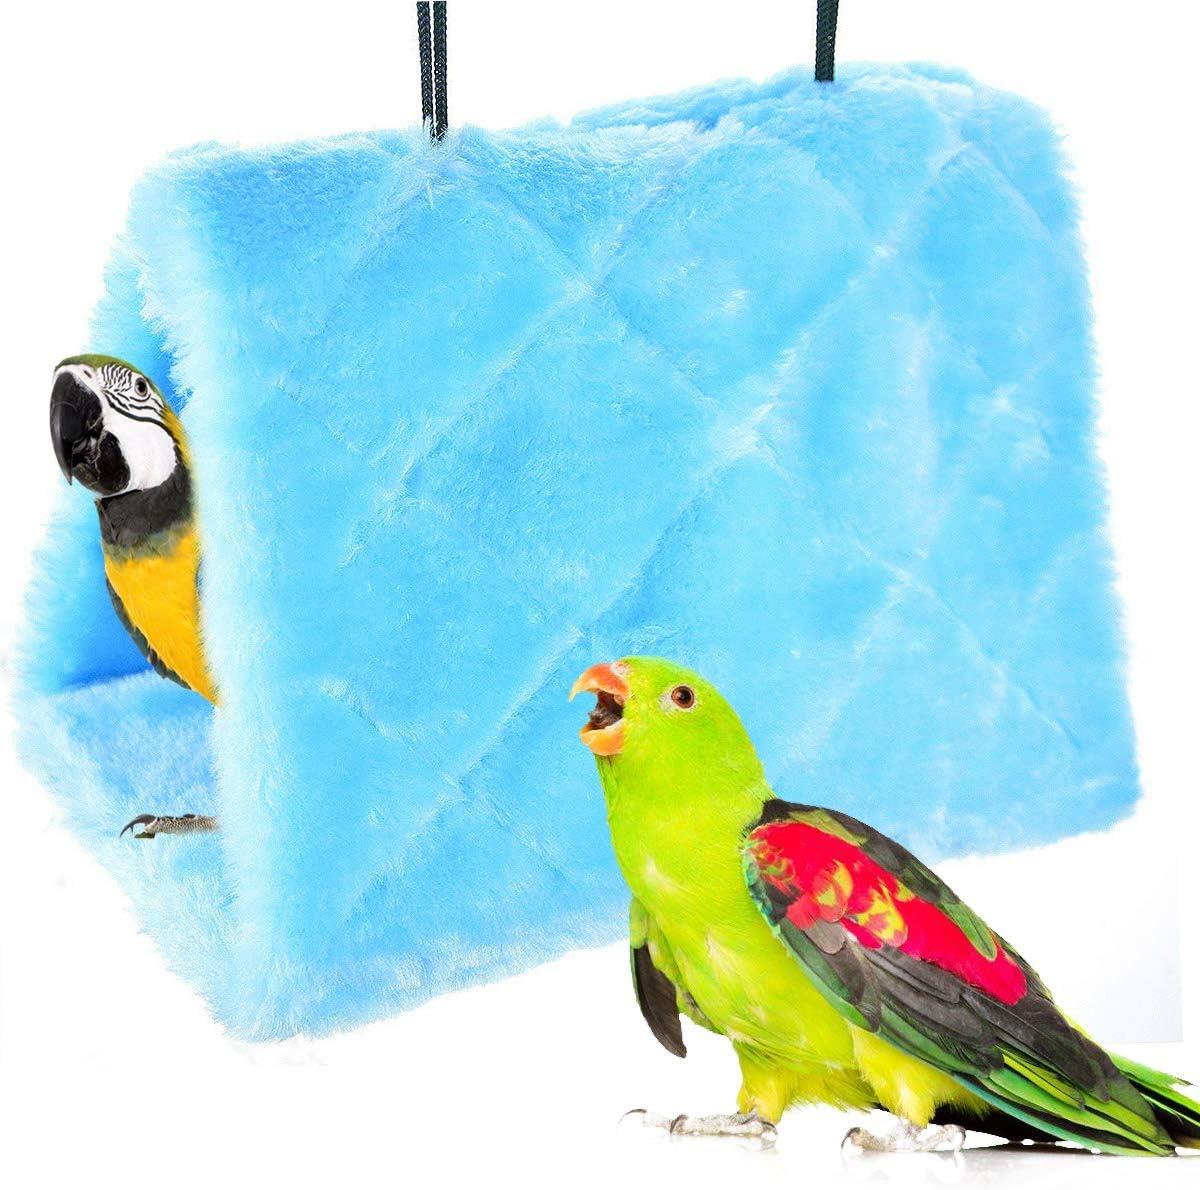 Nido de Pájaro de Invierno Hamaca Cálida Loro Tienda de Campaña Casa Cama de Peluche para Loro, Periquito, Cacatúa, Cono, Lovebird Finch Cockatoo Africano (M, Azul)